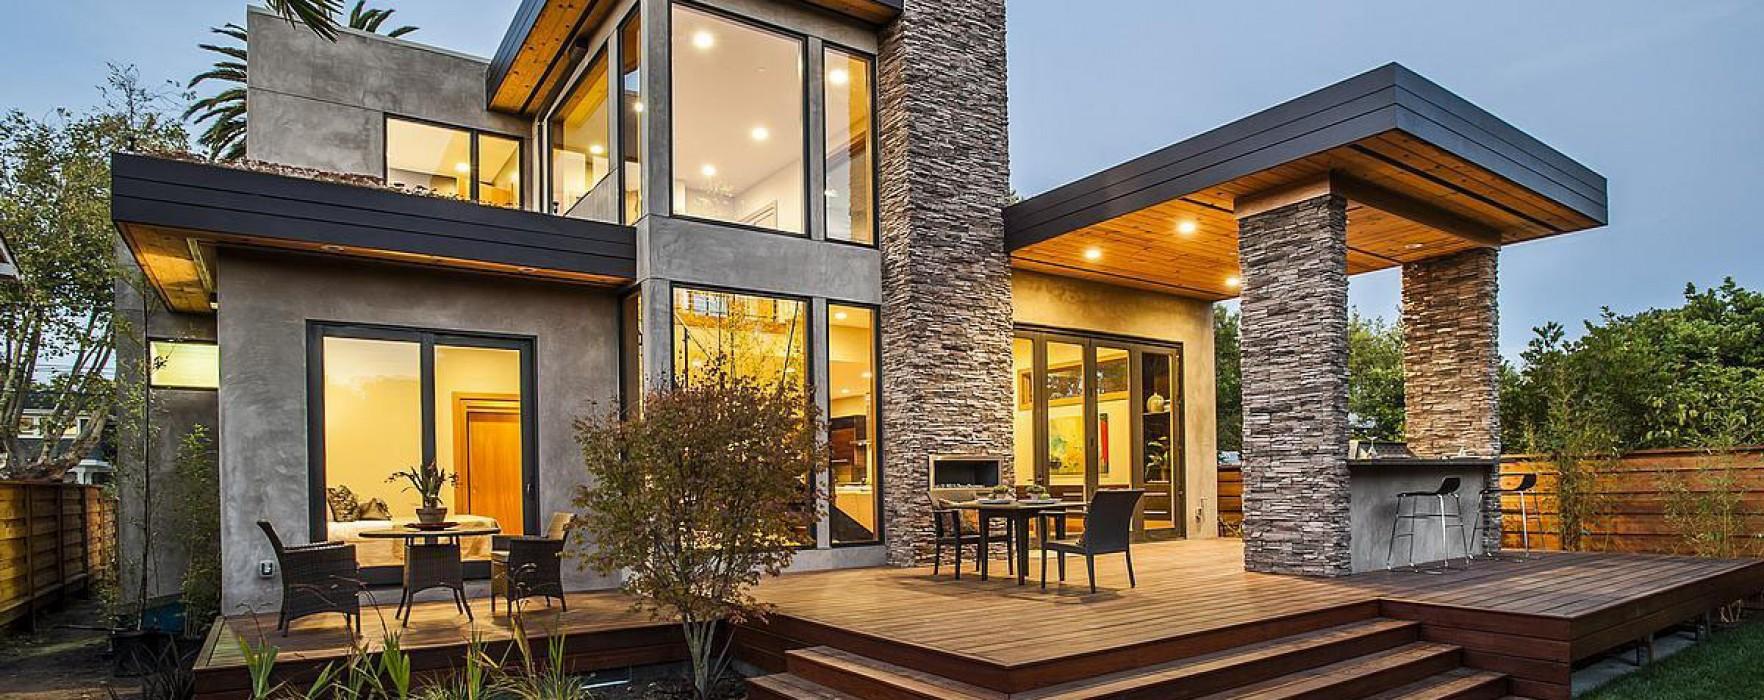 5 cose che dovete sapere sulle case prefabbricate - Costo costruzione casa prefabbricata ...